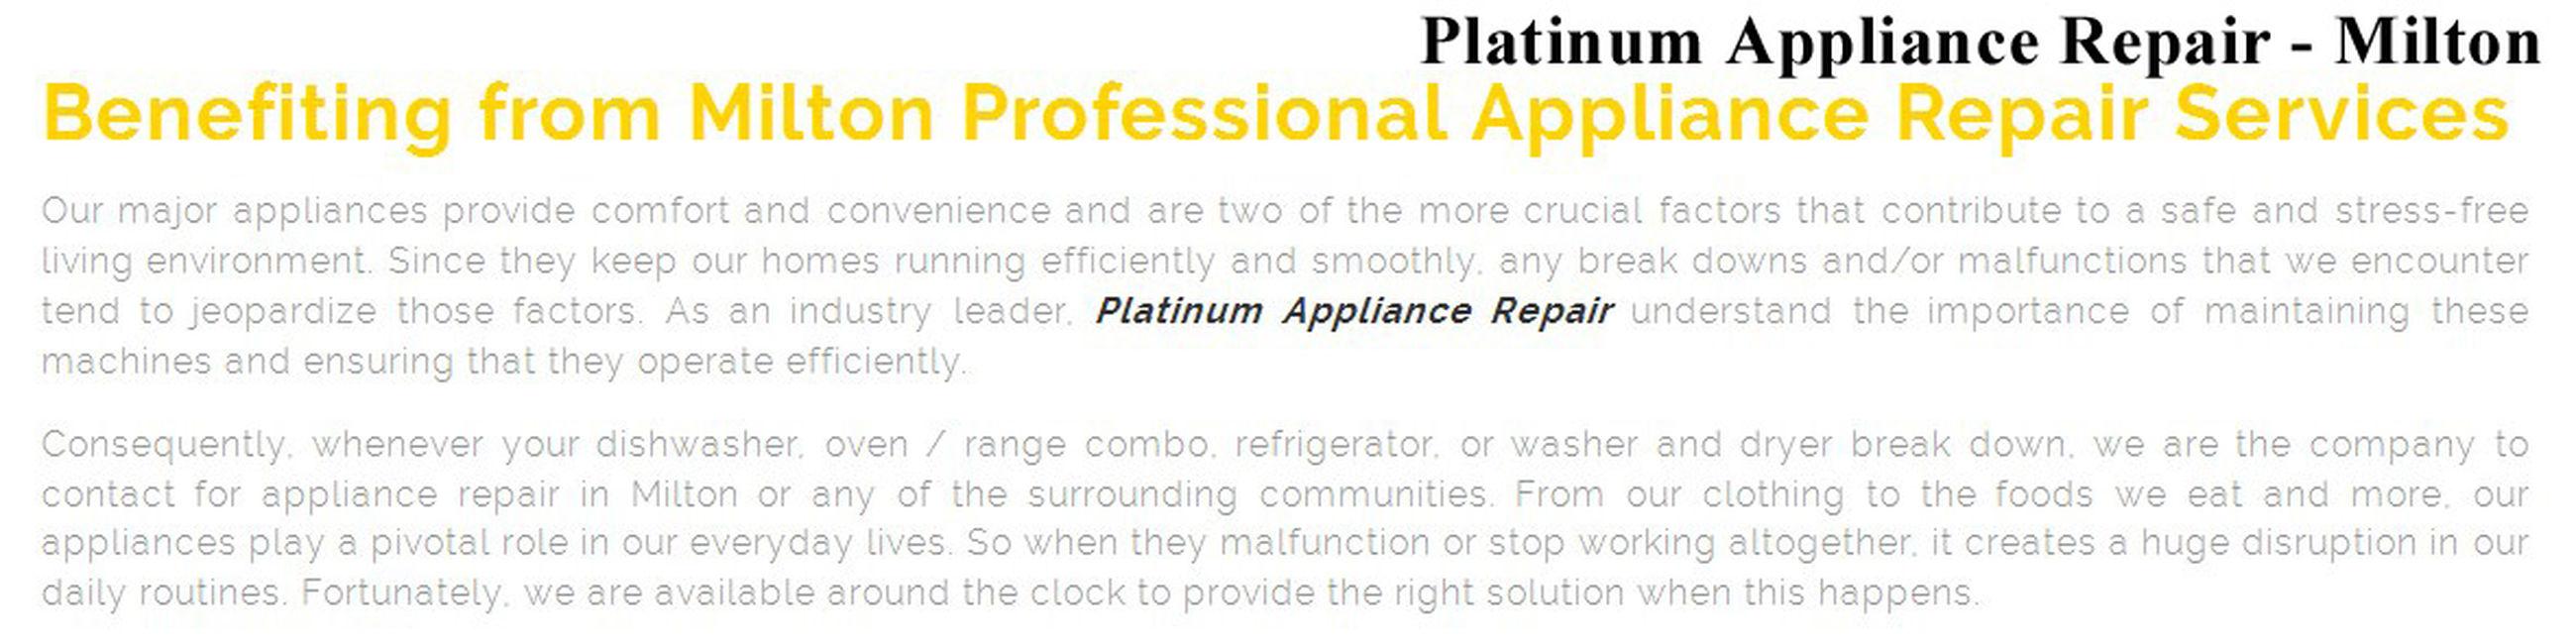 Platinum Appliance Repair 480 Bronte St S #217 Milton, ON L9T 9A9 (289) 270-0316 Appliance Repair Milton Appliance Repair Milton ON Best Appliance Repair Milton Milton Appliance Repair Milton ON Appliance Repair